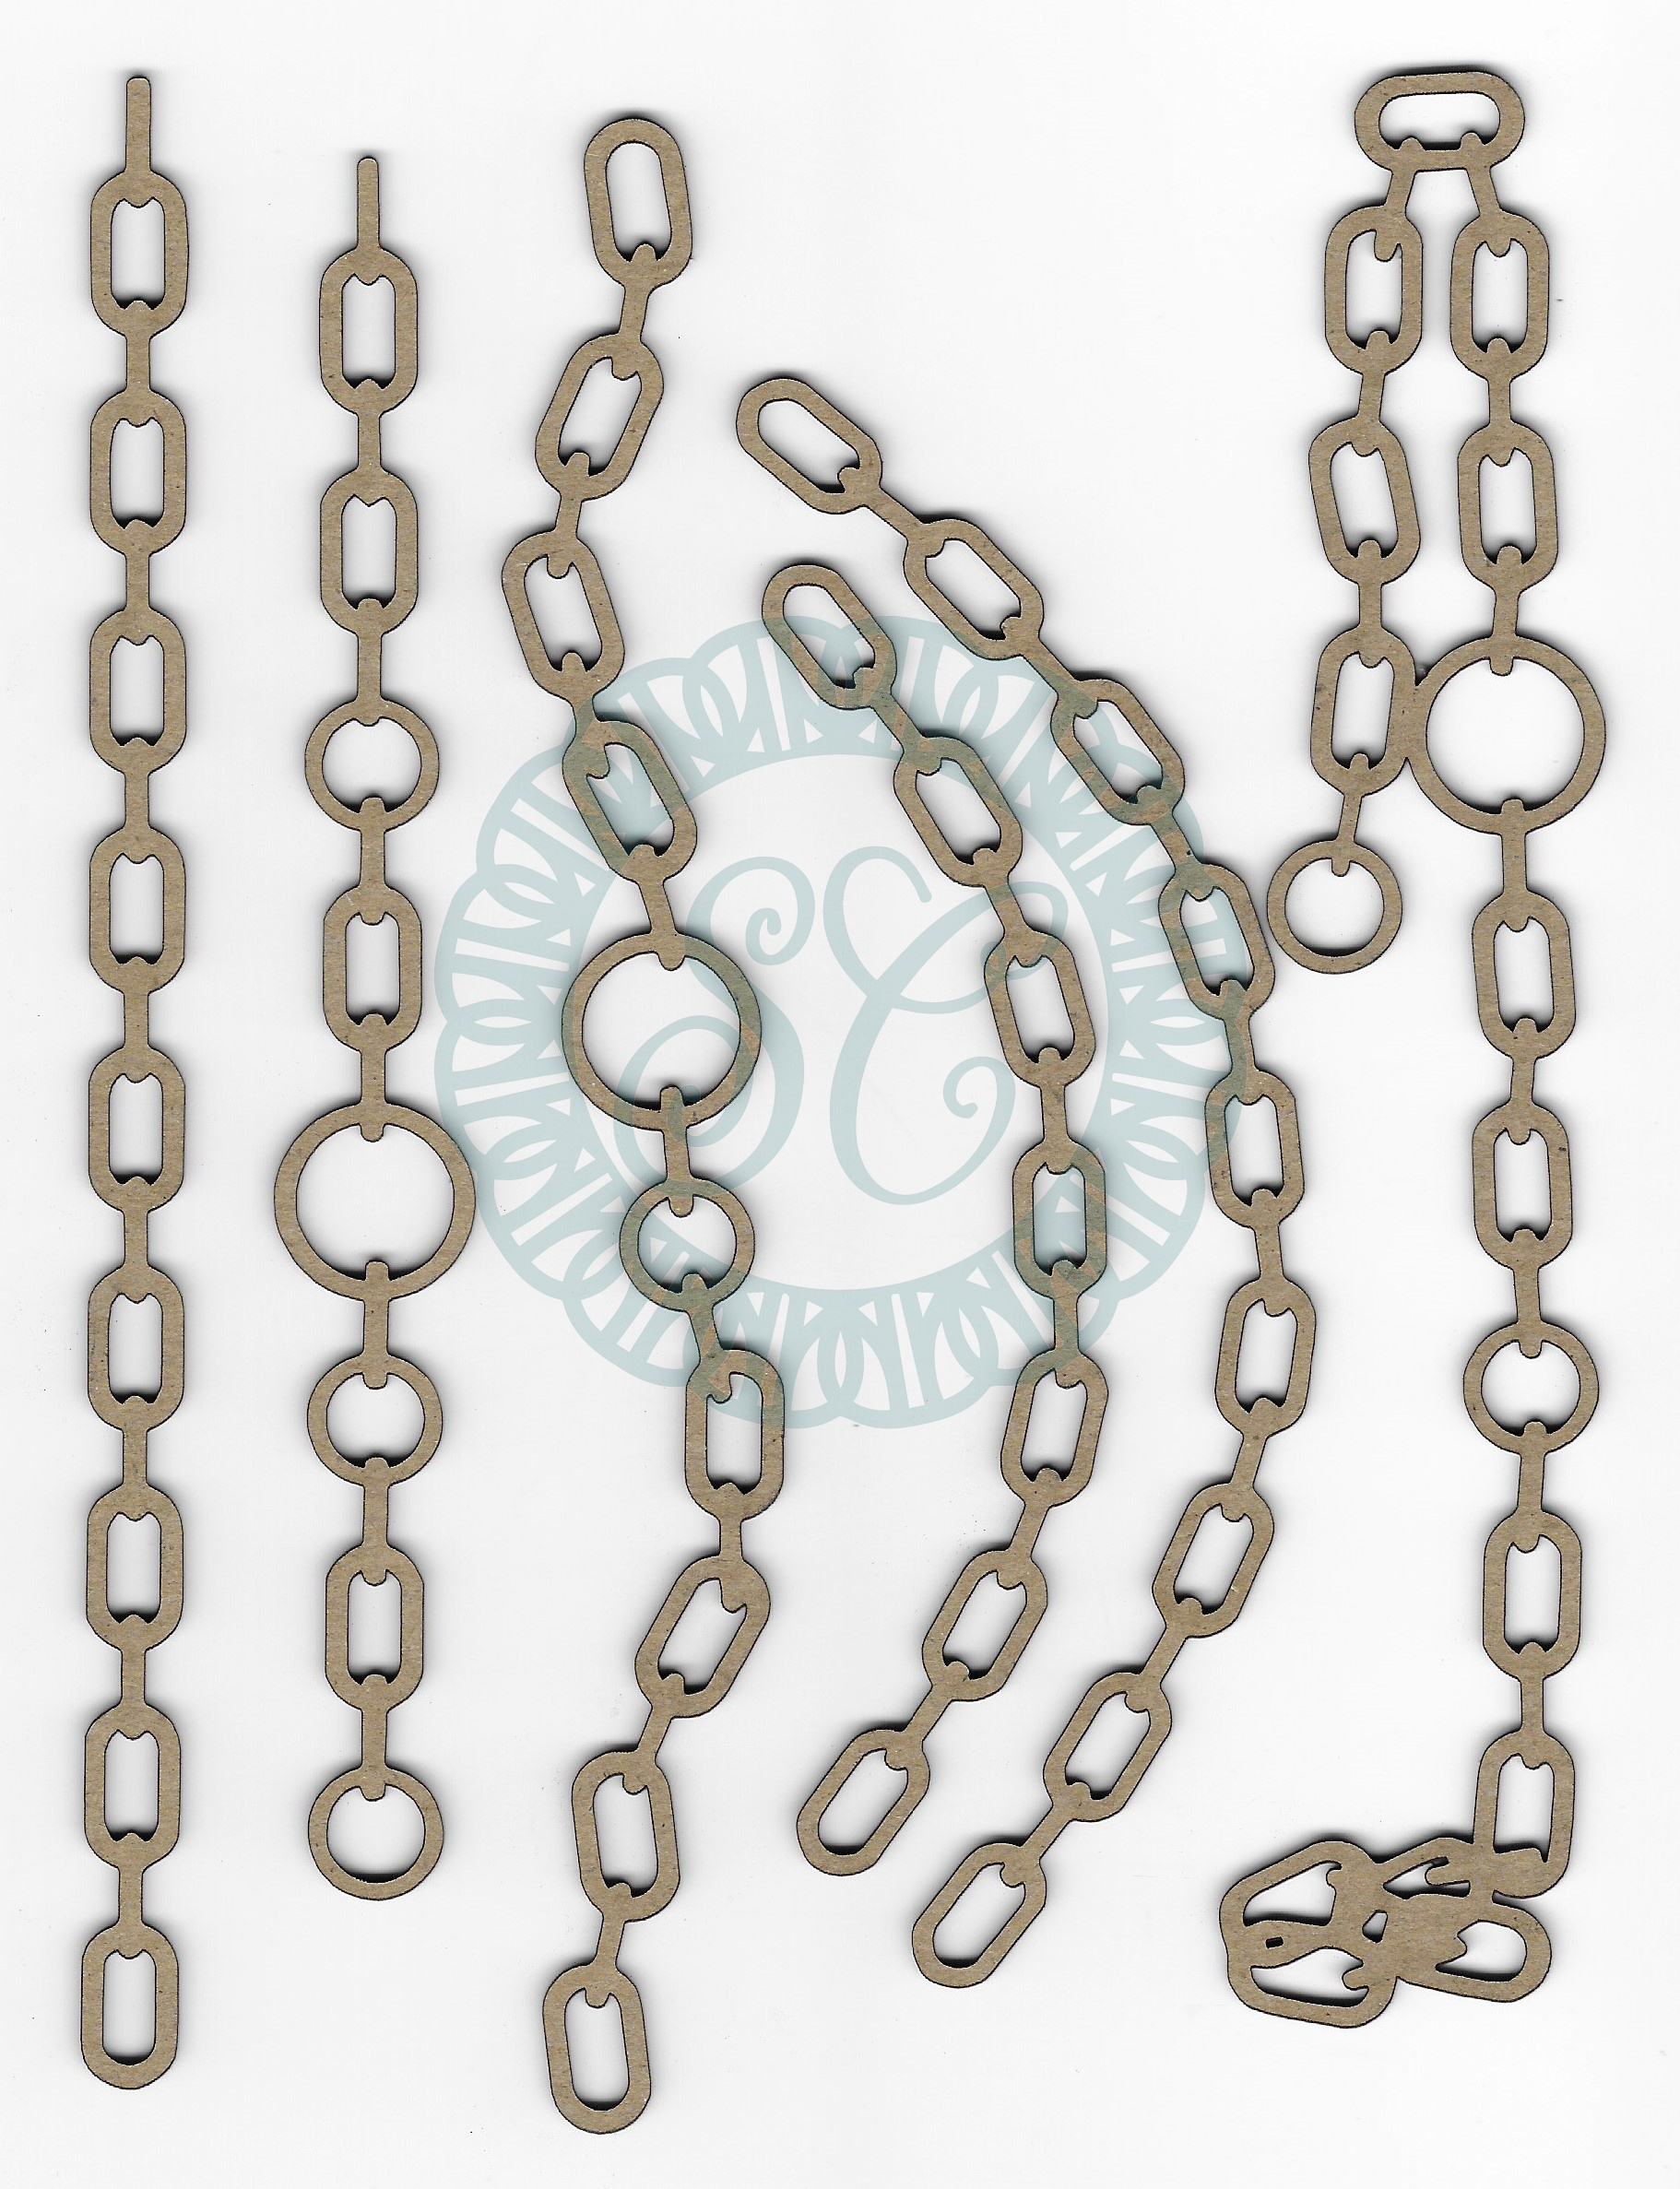 Chipboard-Memoirs Chains